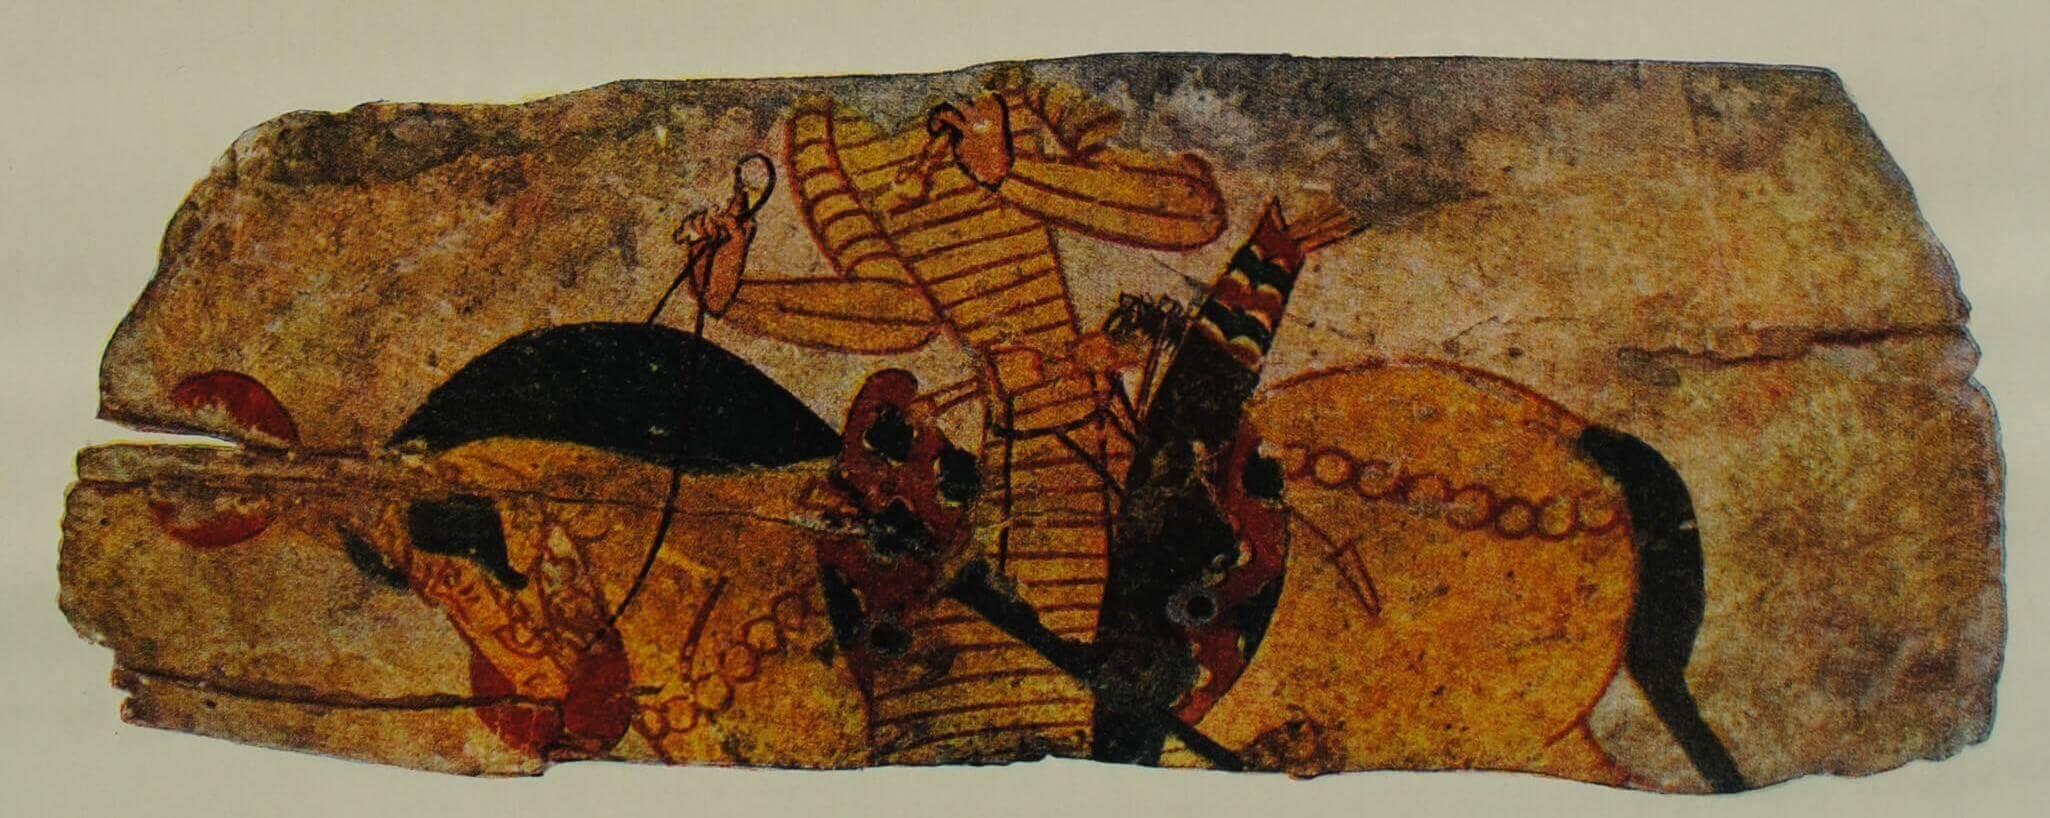 Деревянный щит с изображением всадника. Из раскопок на горе Муг (Средняя Азия). VII в.